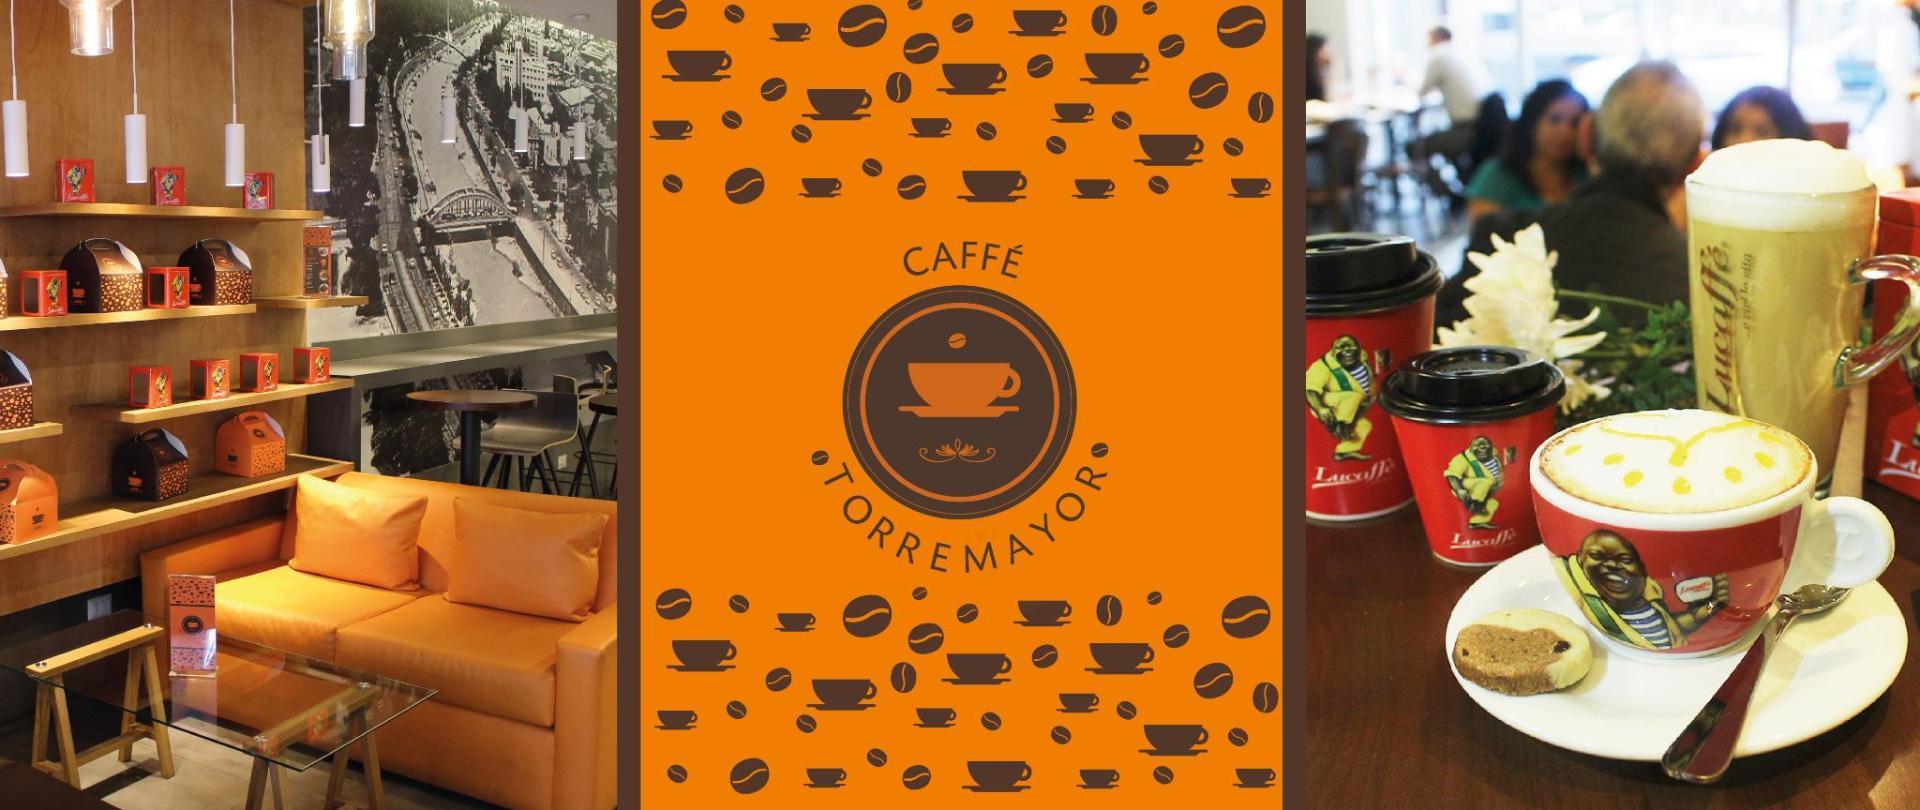 banner-cafe.jpg